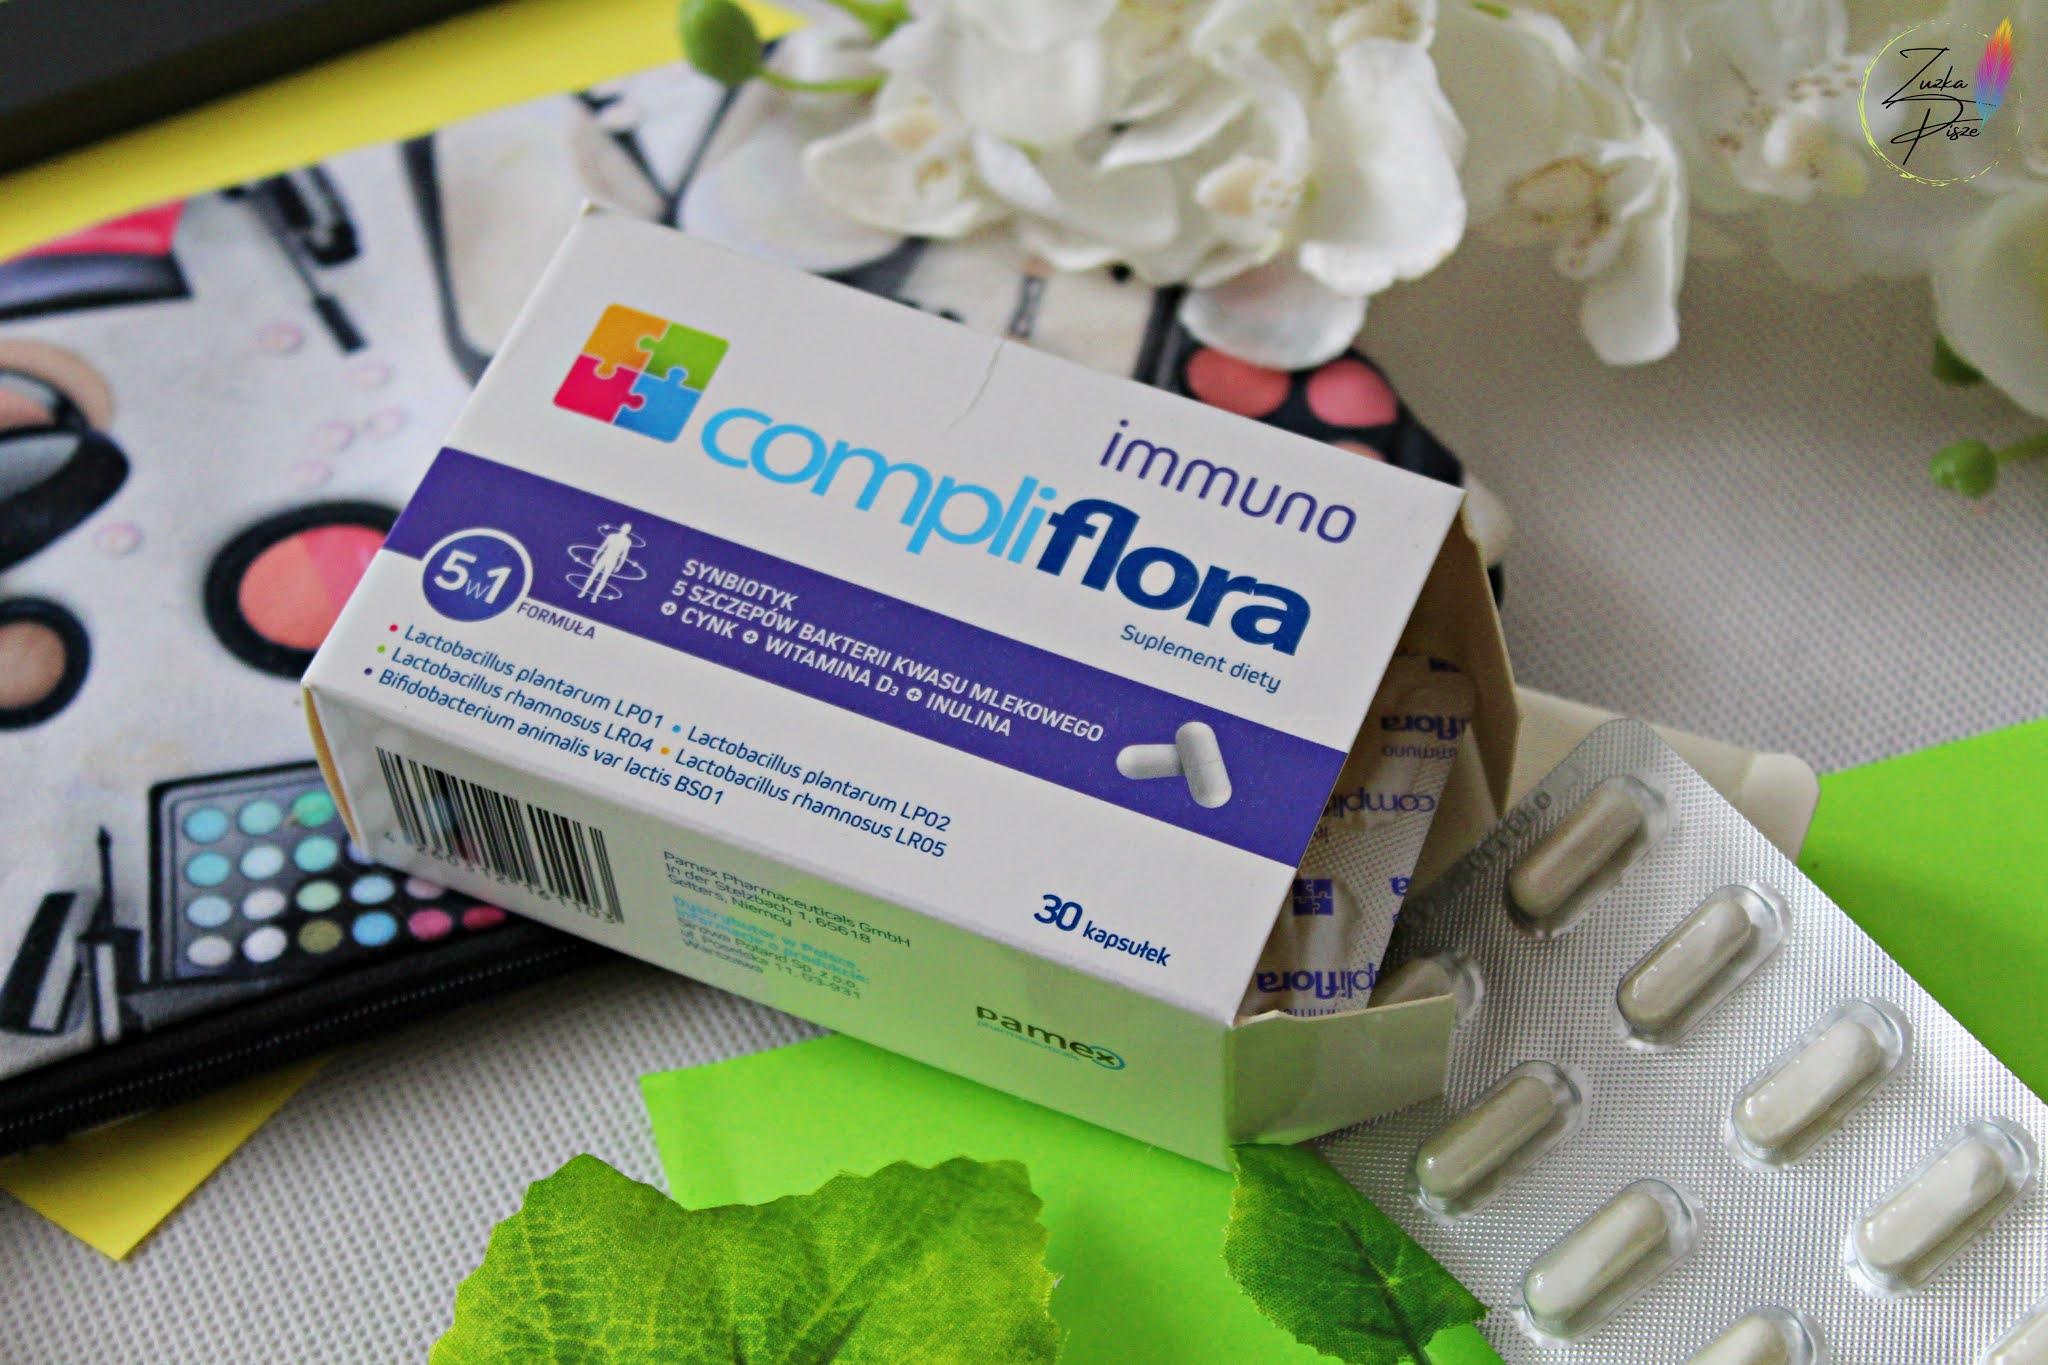 Compliflora Immuno - synbiotyk wspierający odporność organizmu